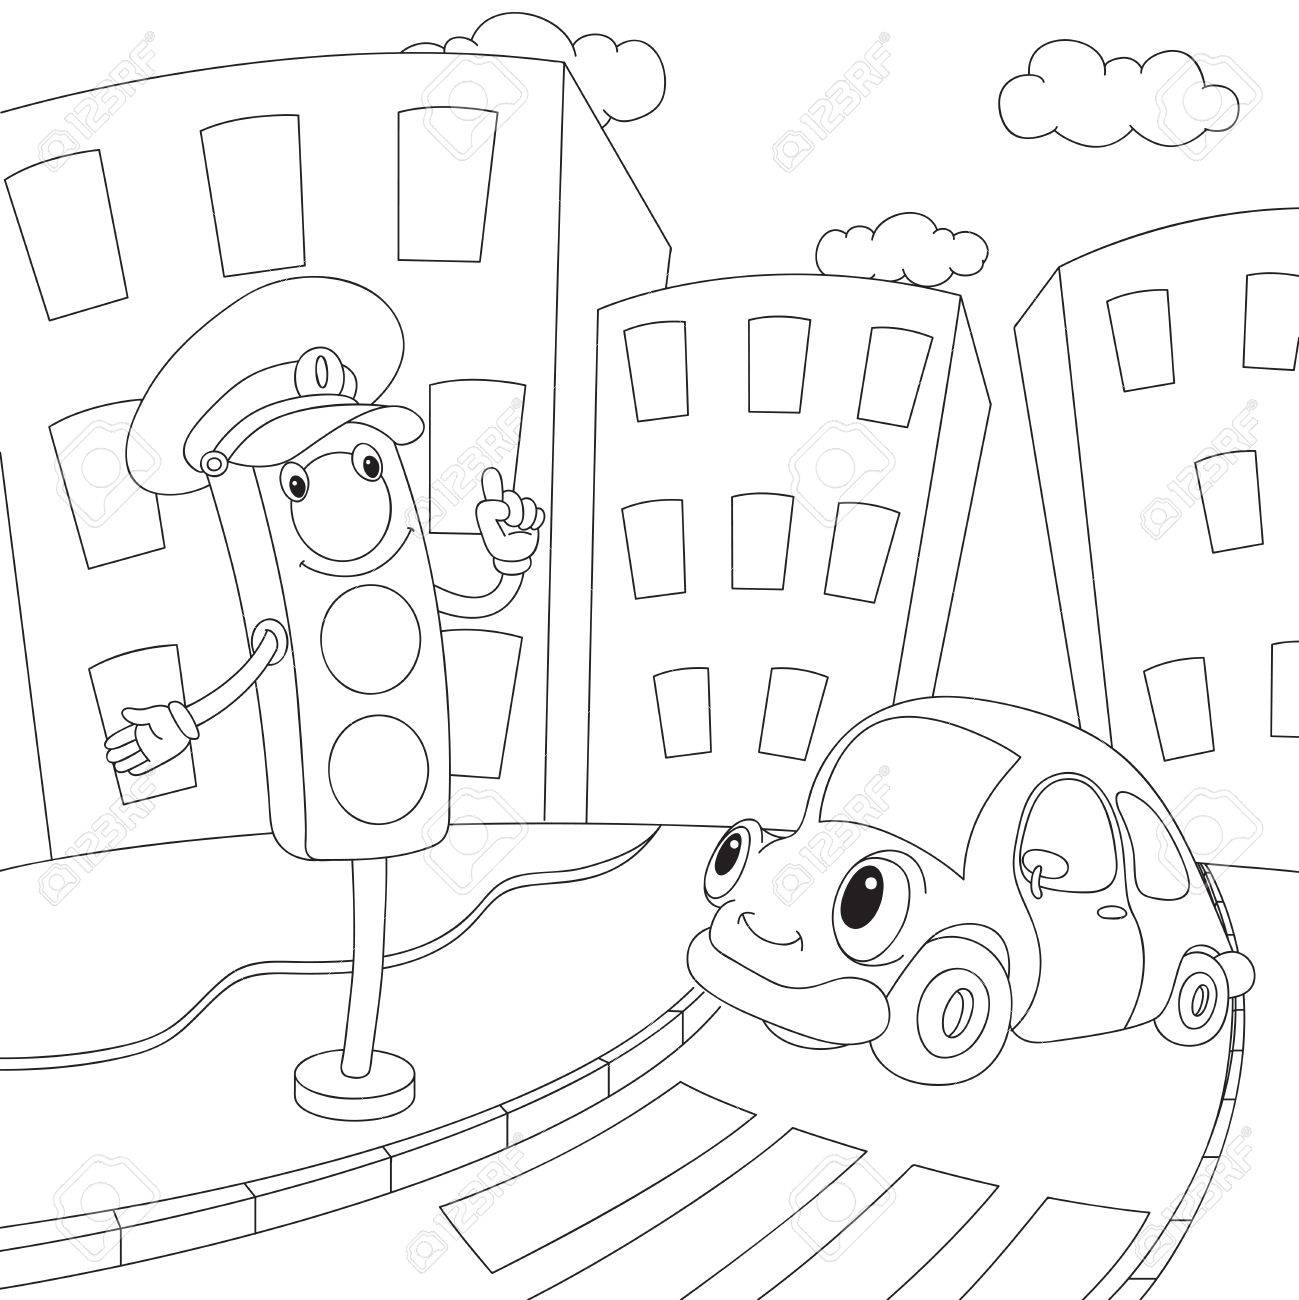 Dibujos Animados De Coches Y Semáforos. Libro De Colorante Para Los ...